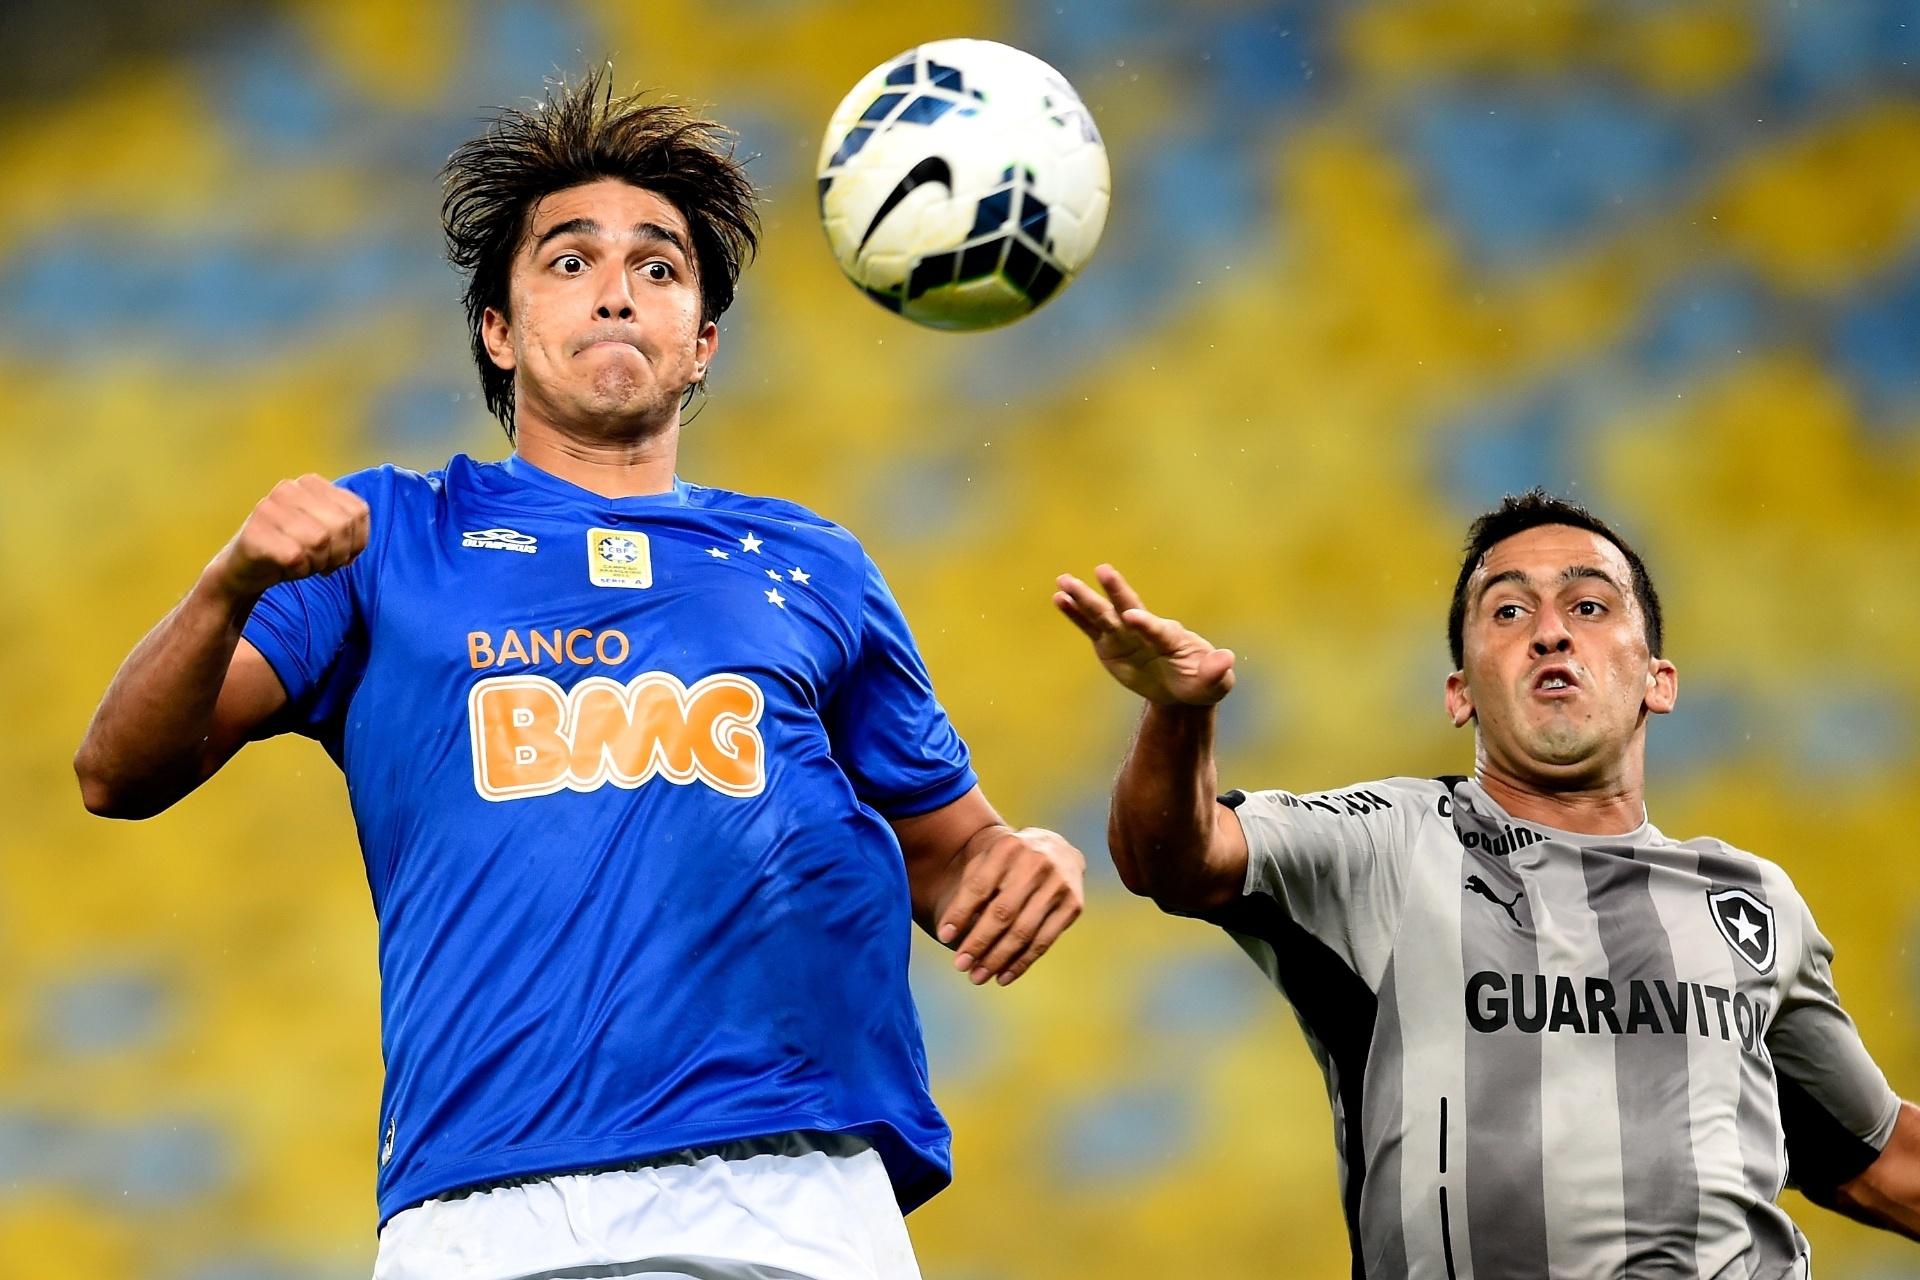 02.ago.2014 - Marcelo Moreno, do Cruzeiro, domina a bola durante o jogo contra o Botafogo, pelo Brasileirão